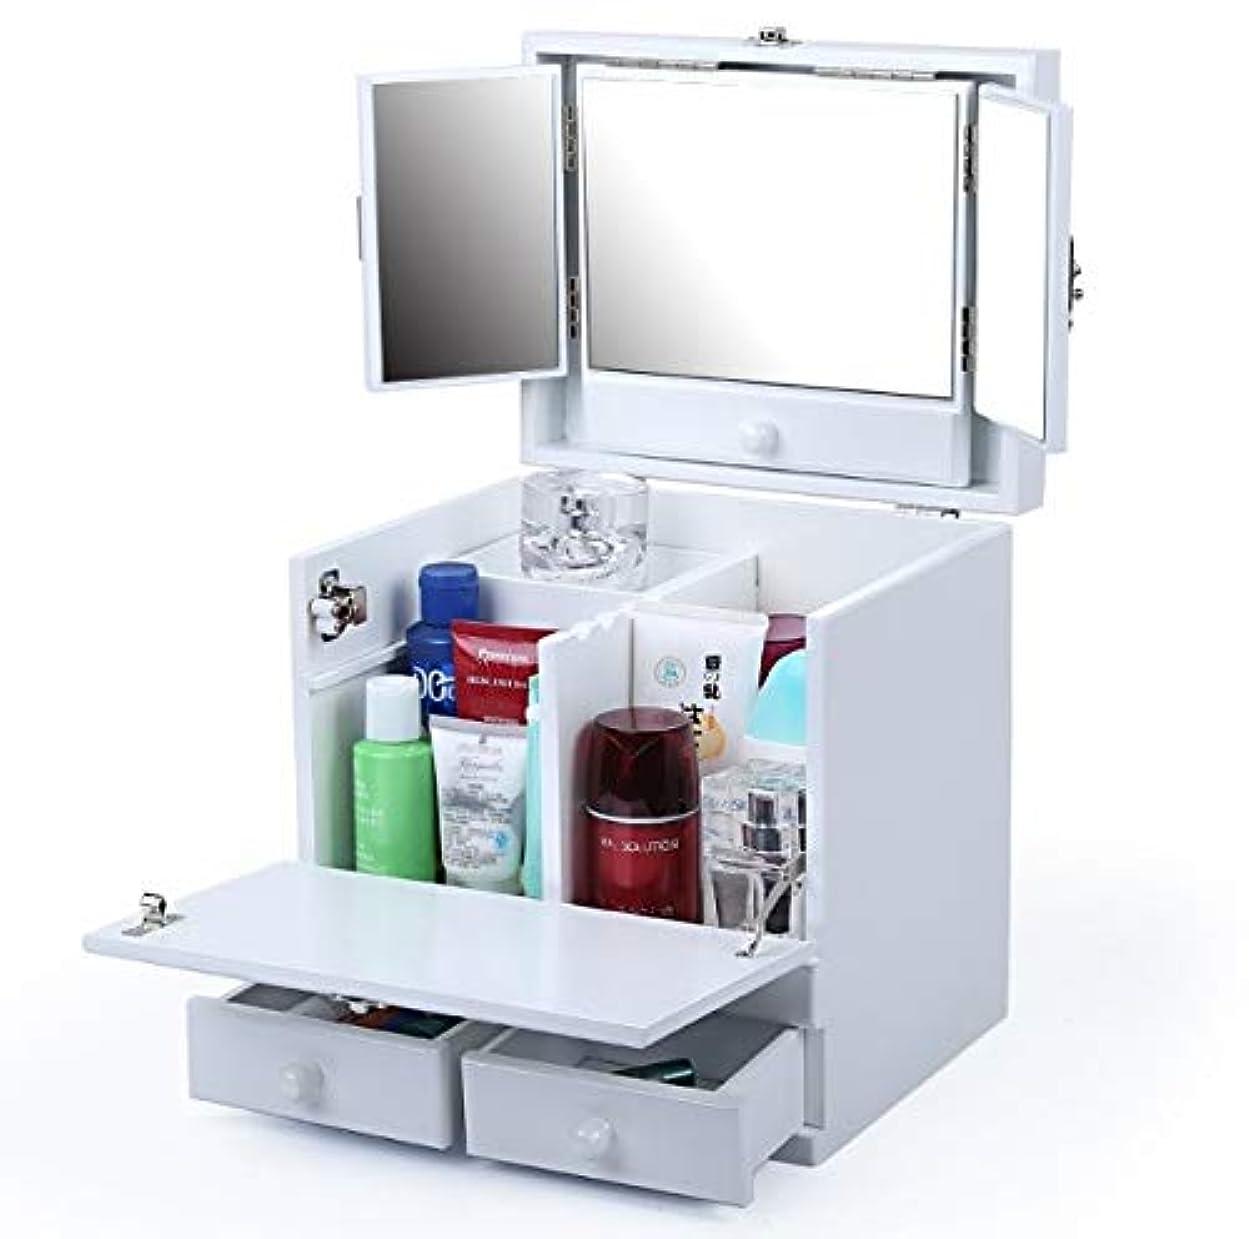 報いる密度バイナリ化粧箱、白のダブルデッカーヴィンテージ木彫り化粧品ケース、ミラー、高級ウェディングギフト、新築祝いギフト、美容ネイルジュエリー収納ボックス